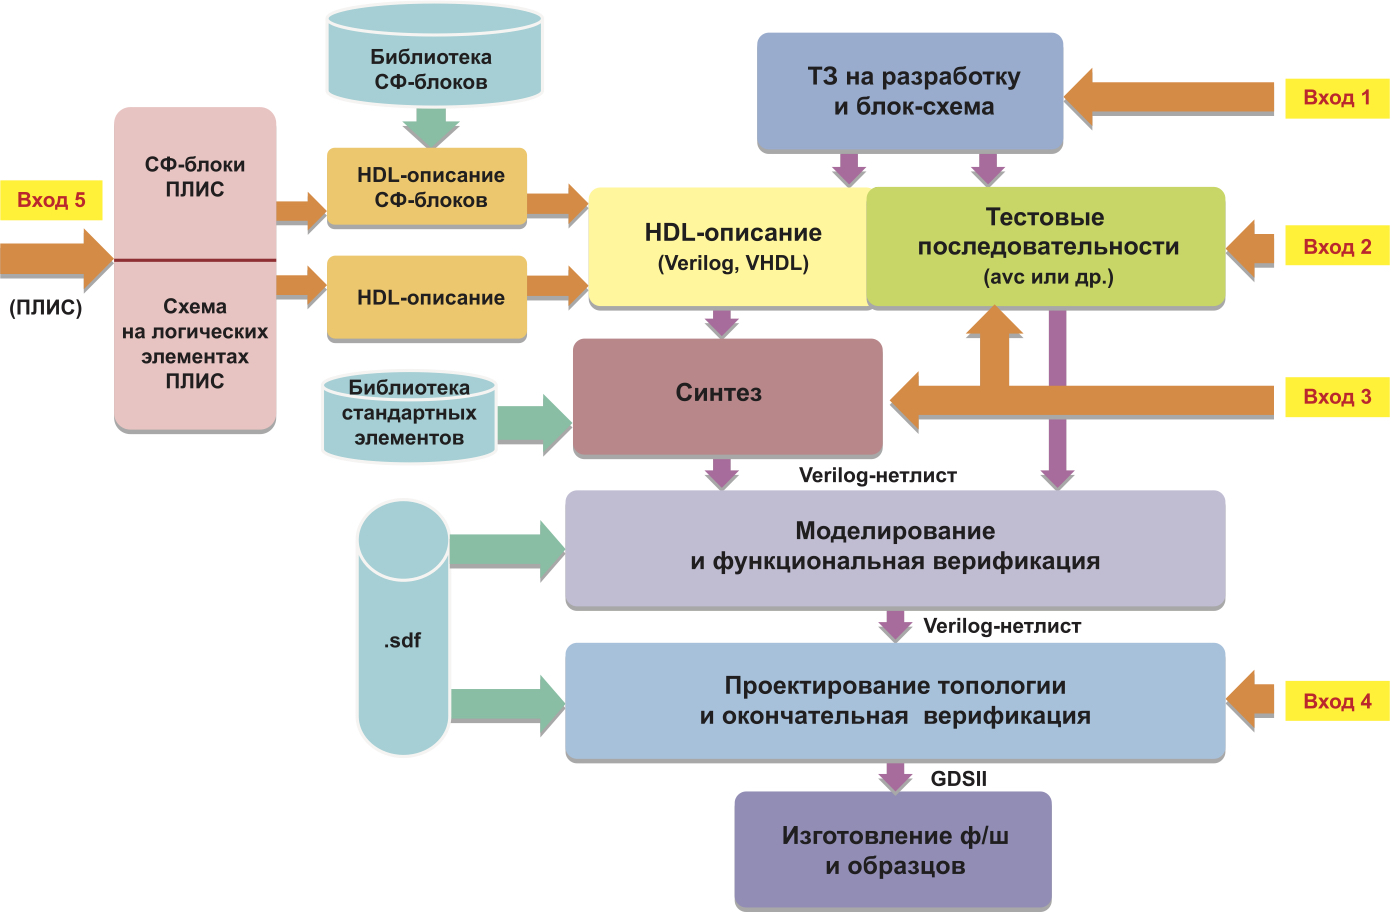 Маршрут проектирования СБИС на базе БМК